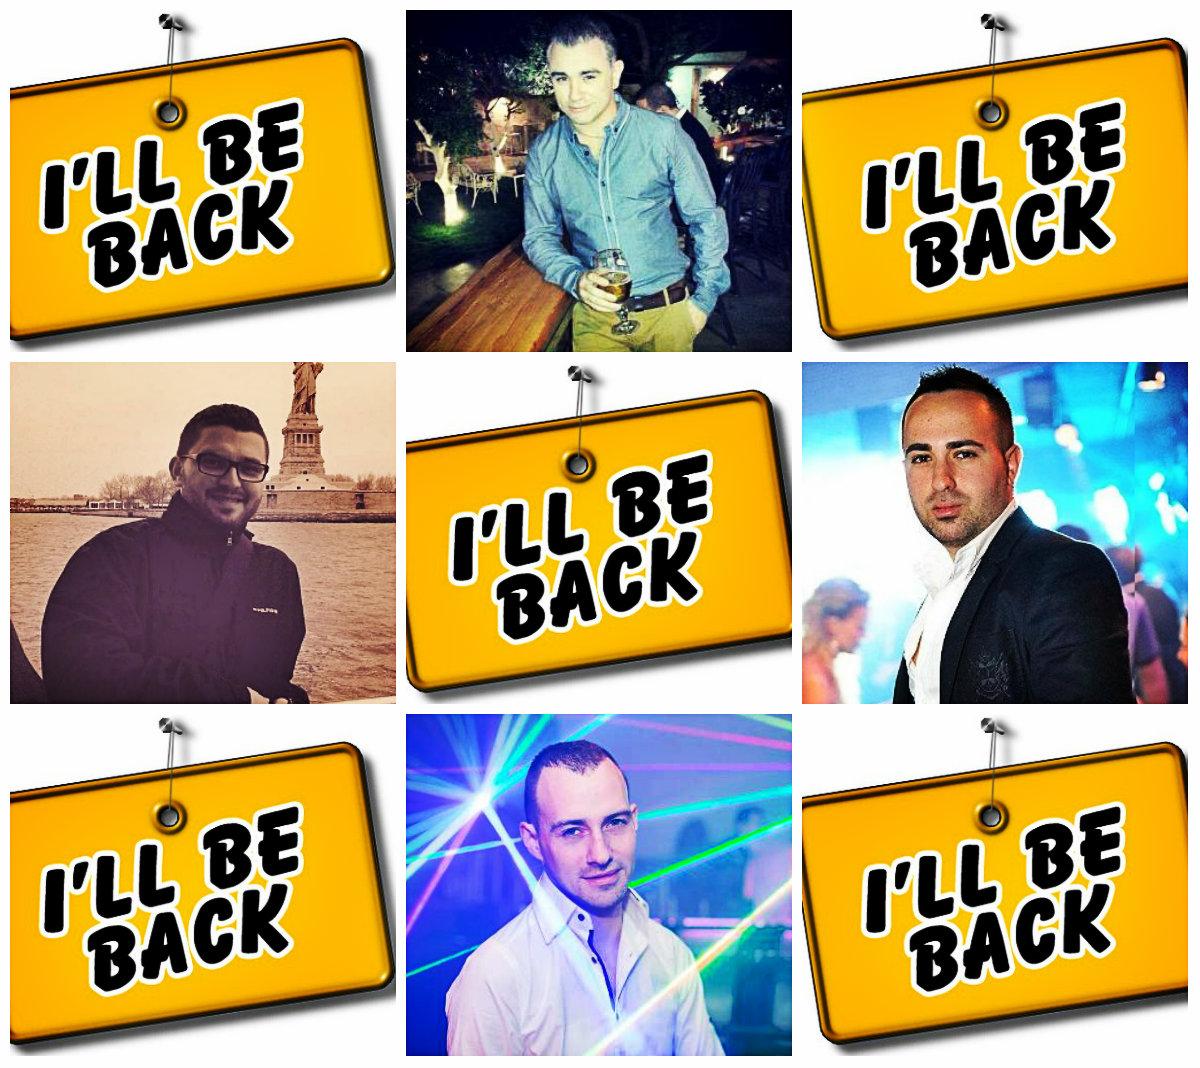 «I'll be back»